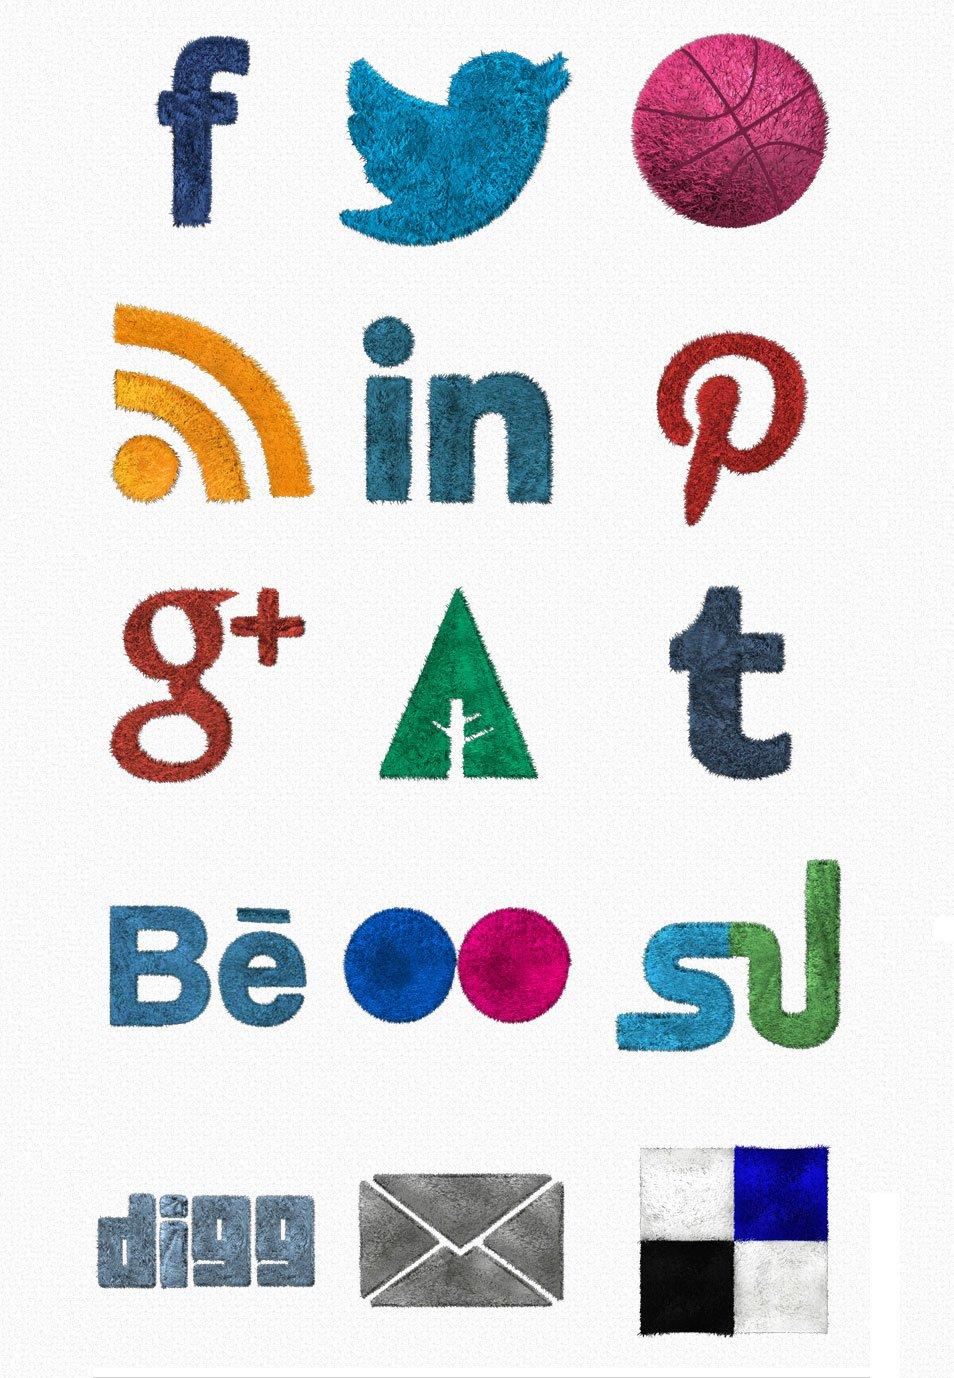 Fluffy Social Media Icons